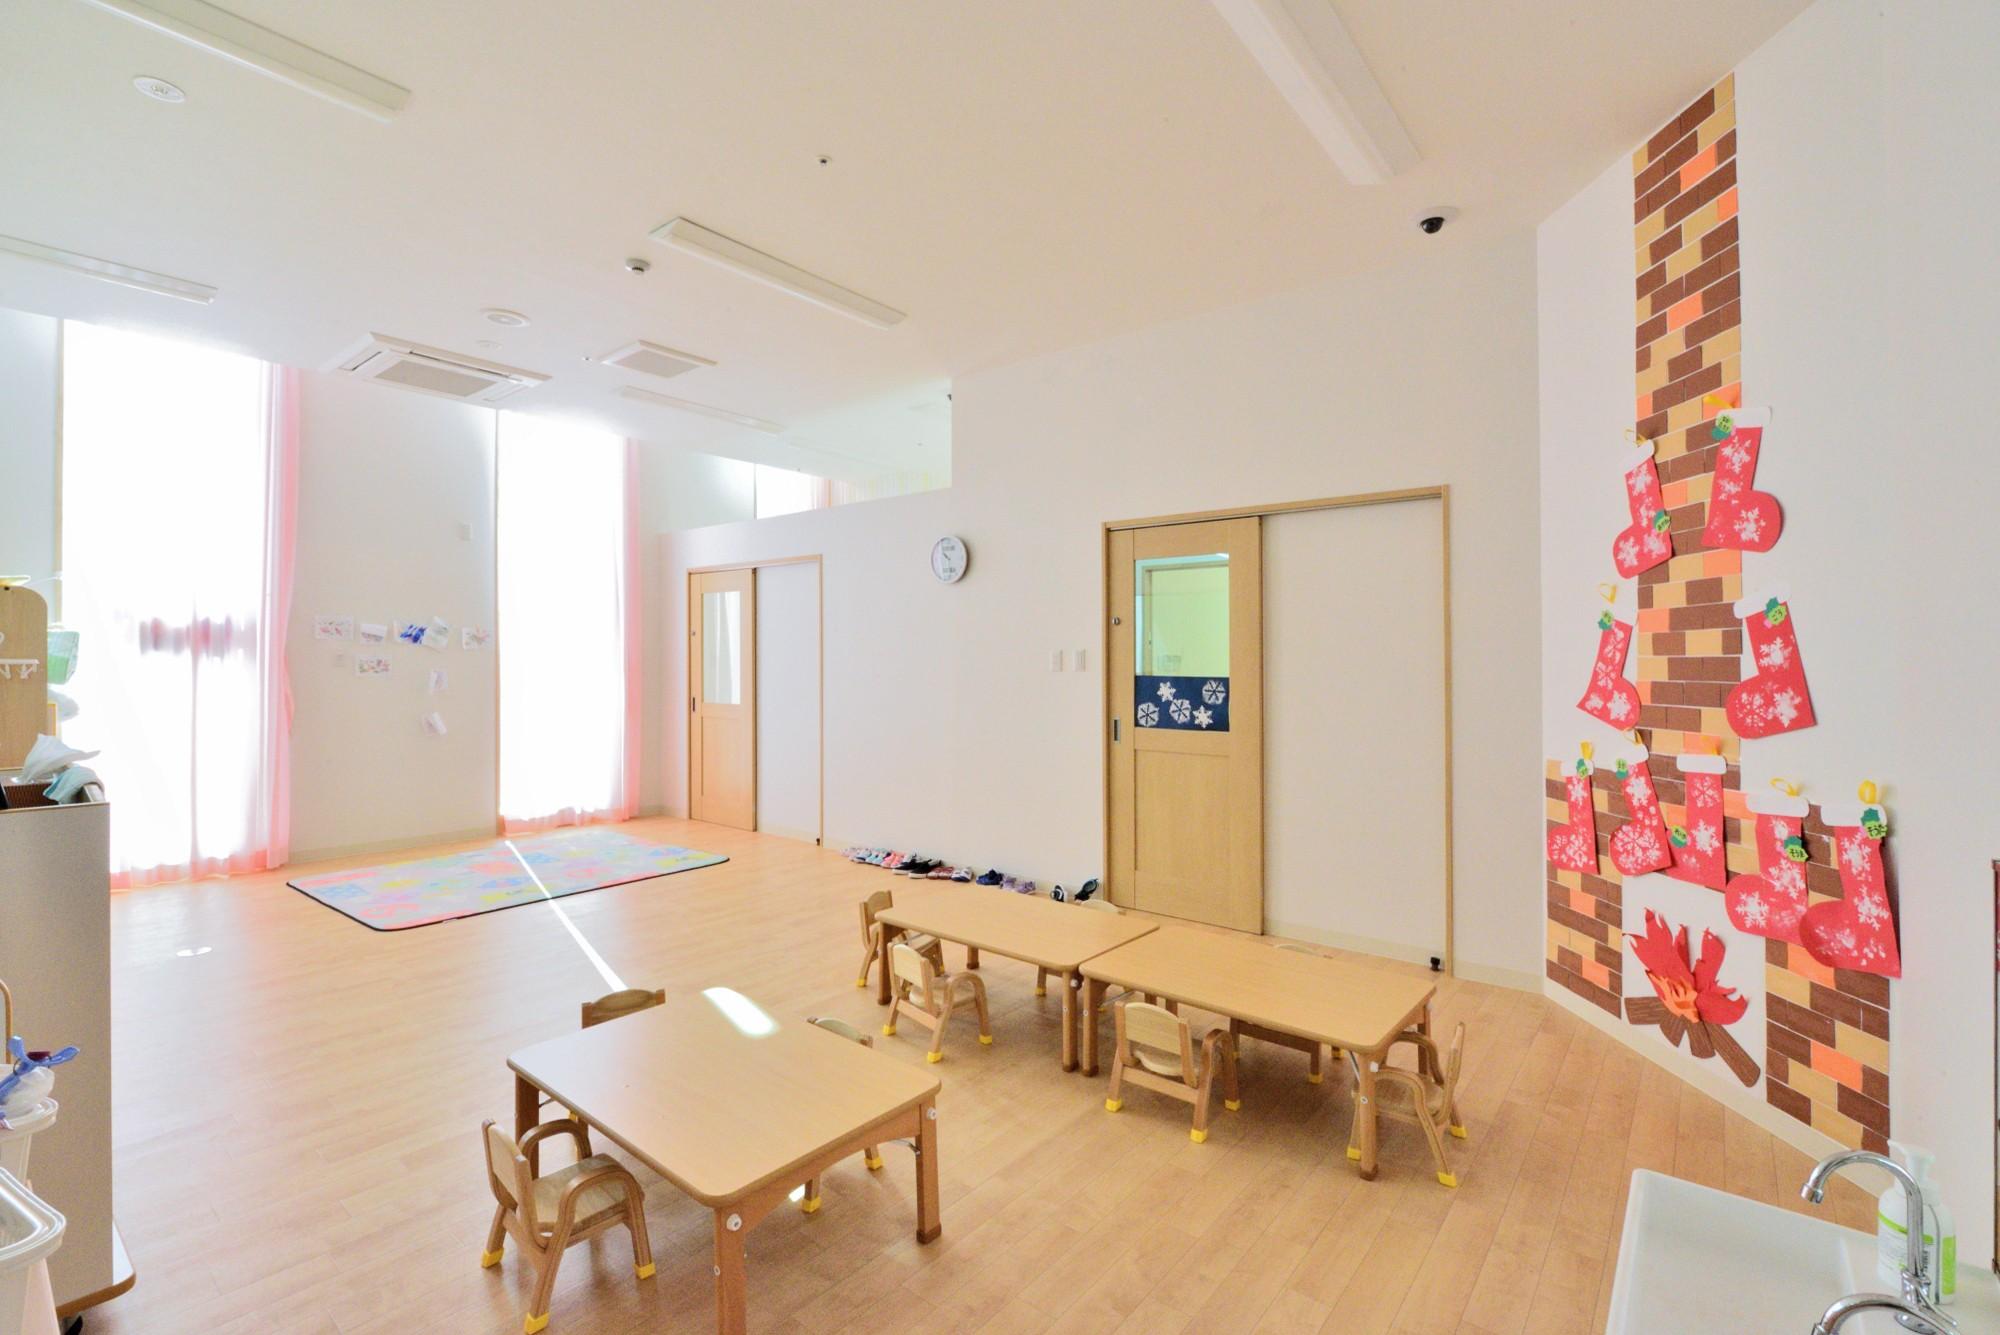 子供部屋事例:1歳児の保育室(横須賀市 ~にじのそら保育園~)